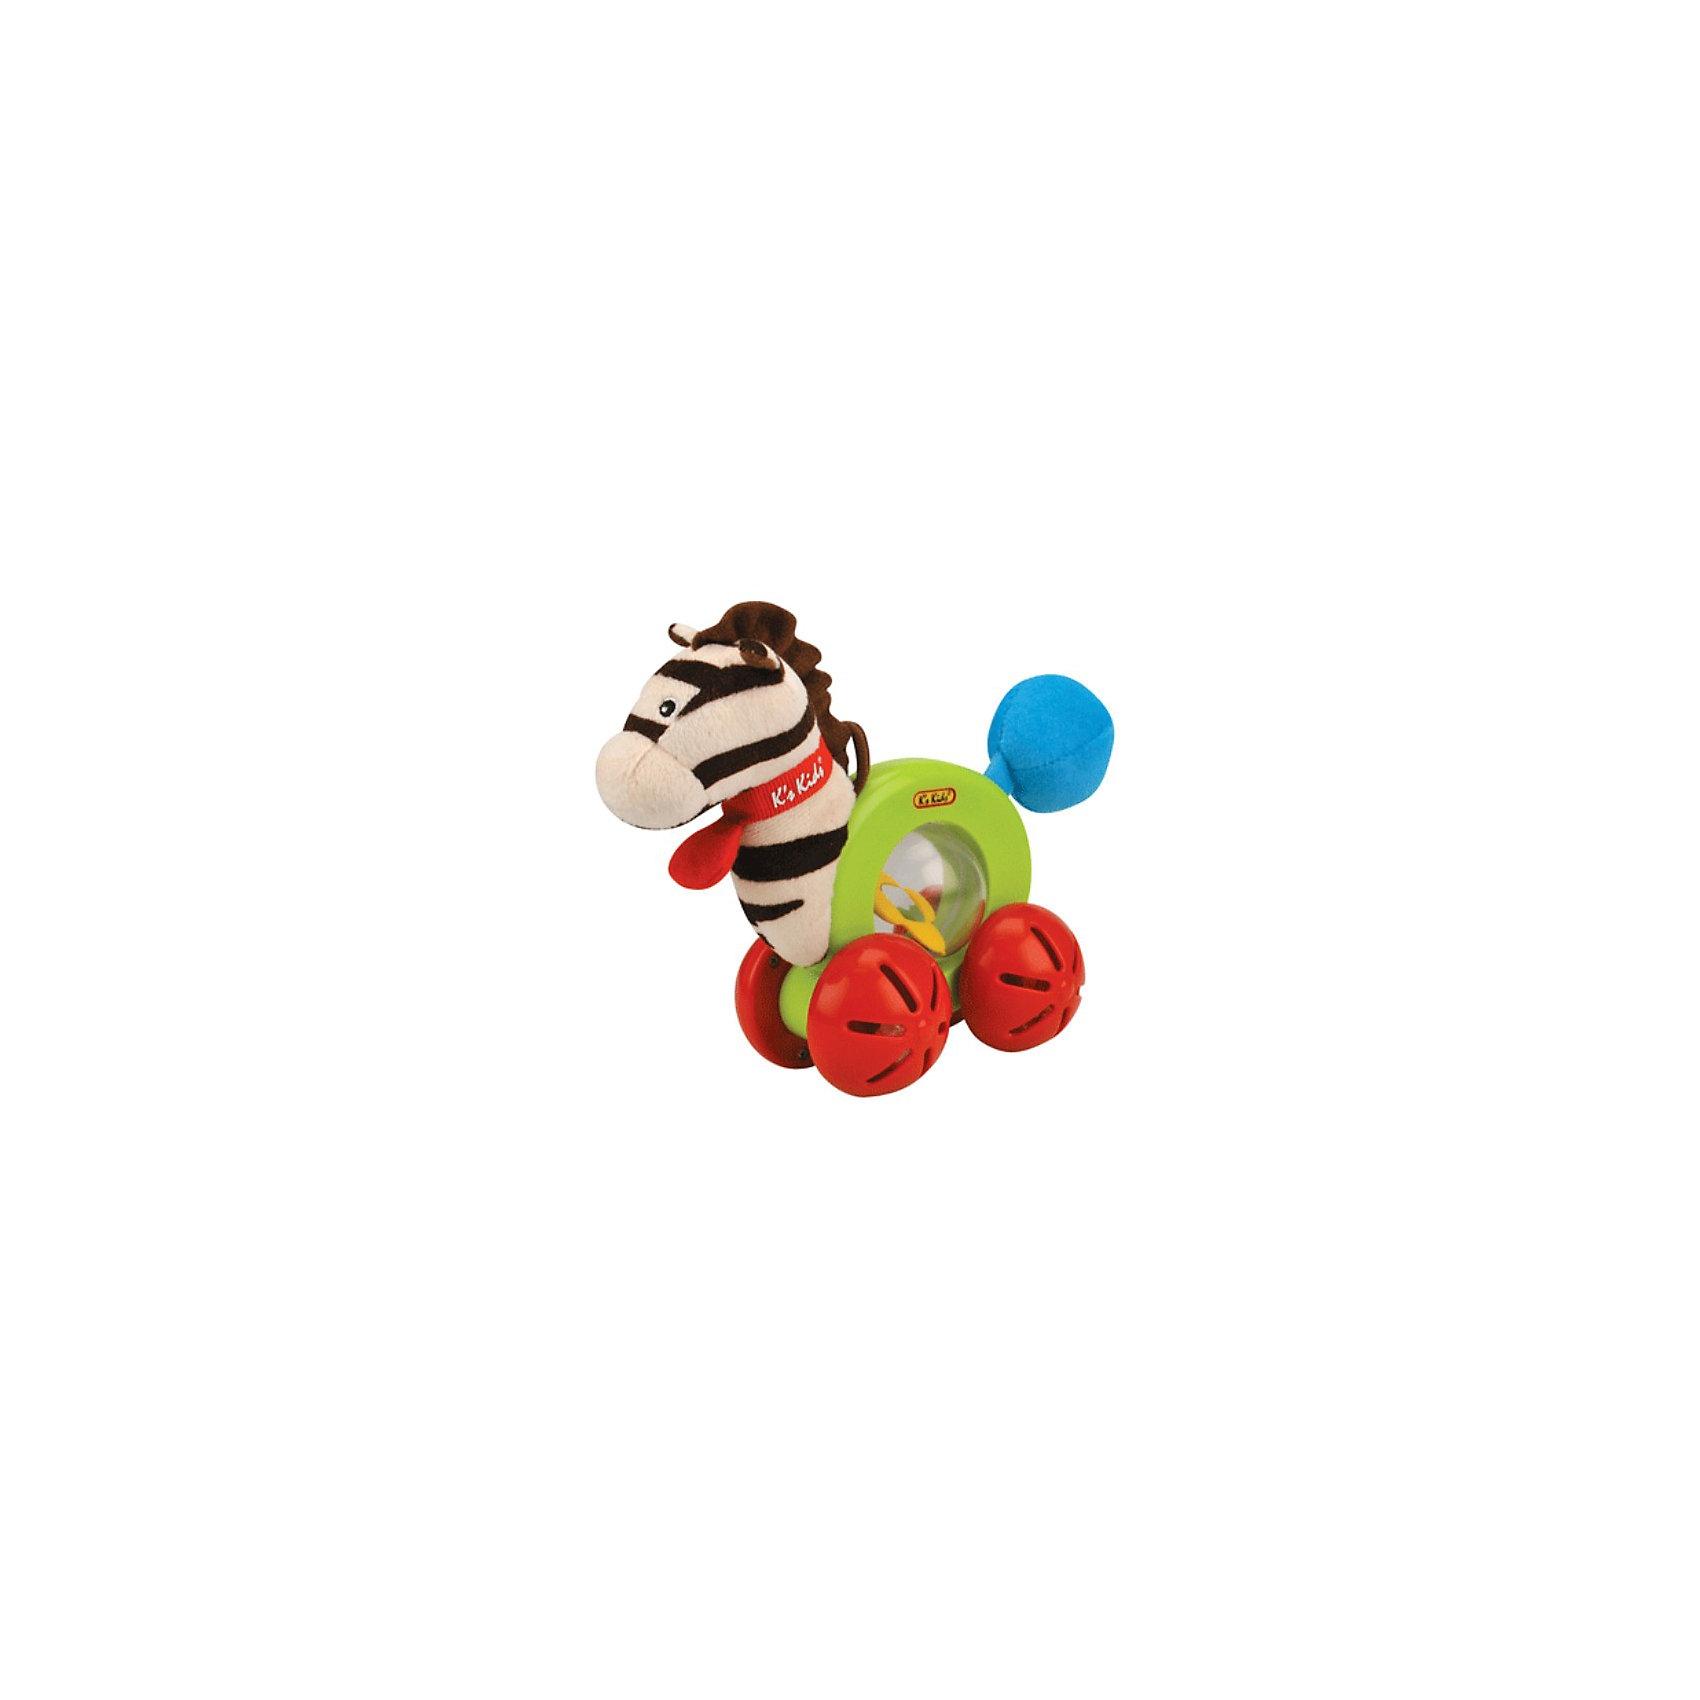 Ks Kids Развивающая игрушка Райн на роликахКаталки и качалки<br>Развивающая игрушка Райн на роликах со звуком для самых маленьких.<br><br>Зебра Райн побуждает малыша ползать и ходить. Благодаря ножкам-роликам игрушка может быстро ехать, при этом привлекая внимание малыша подвижными шариками. Прозрачные шарики находятся в ножках-роликах, а разноцветные в прозрачном шаре-животике зебры, соседствуя с маленьким зеркалом в форме цветочка. В «хвостике» Райна находится пищалка.<br><br>Маленькая петелька, находящаяся на голове зебры, позволяет подвесить игрушку на развивающие коврик или дугу.<br><br>Дополнительная информация:<br><br>- материал: текстиль, пластик<br>- размер игрушки: 7 х 19 х 15,5 см.<br>- вес: 290гр.<br><br>Аспекты развития: развивает крупную моторику, визуальное восприятие, координацию движений, стимулирует к активным действиям.<br><br>Добродушная зебра Райн очень понравится Вашему малышу!<br><br>Развивающую игрушку Райн на роликах от Ks Kids можно купить в нашем магазине.<br><br>Ширина мм: 200<br>Глубина мм: 240<br>Высота мм: 90<br>Вес г: 150<br>Возраст от месяцев: 6<br>Возраст до месяцев: 36<br>Пол: Унисекс<br>Возраст: Детский<br>SKU: 2148740